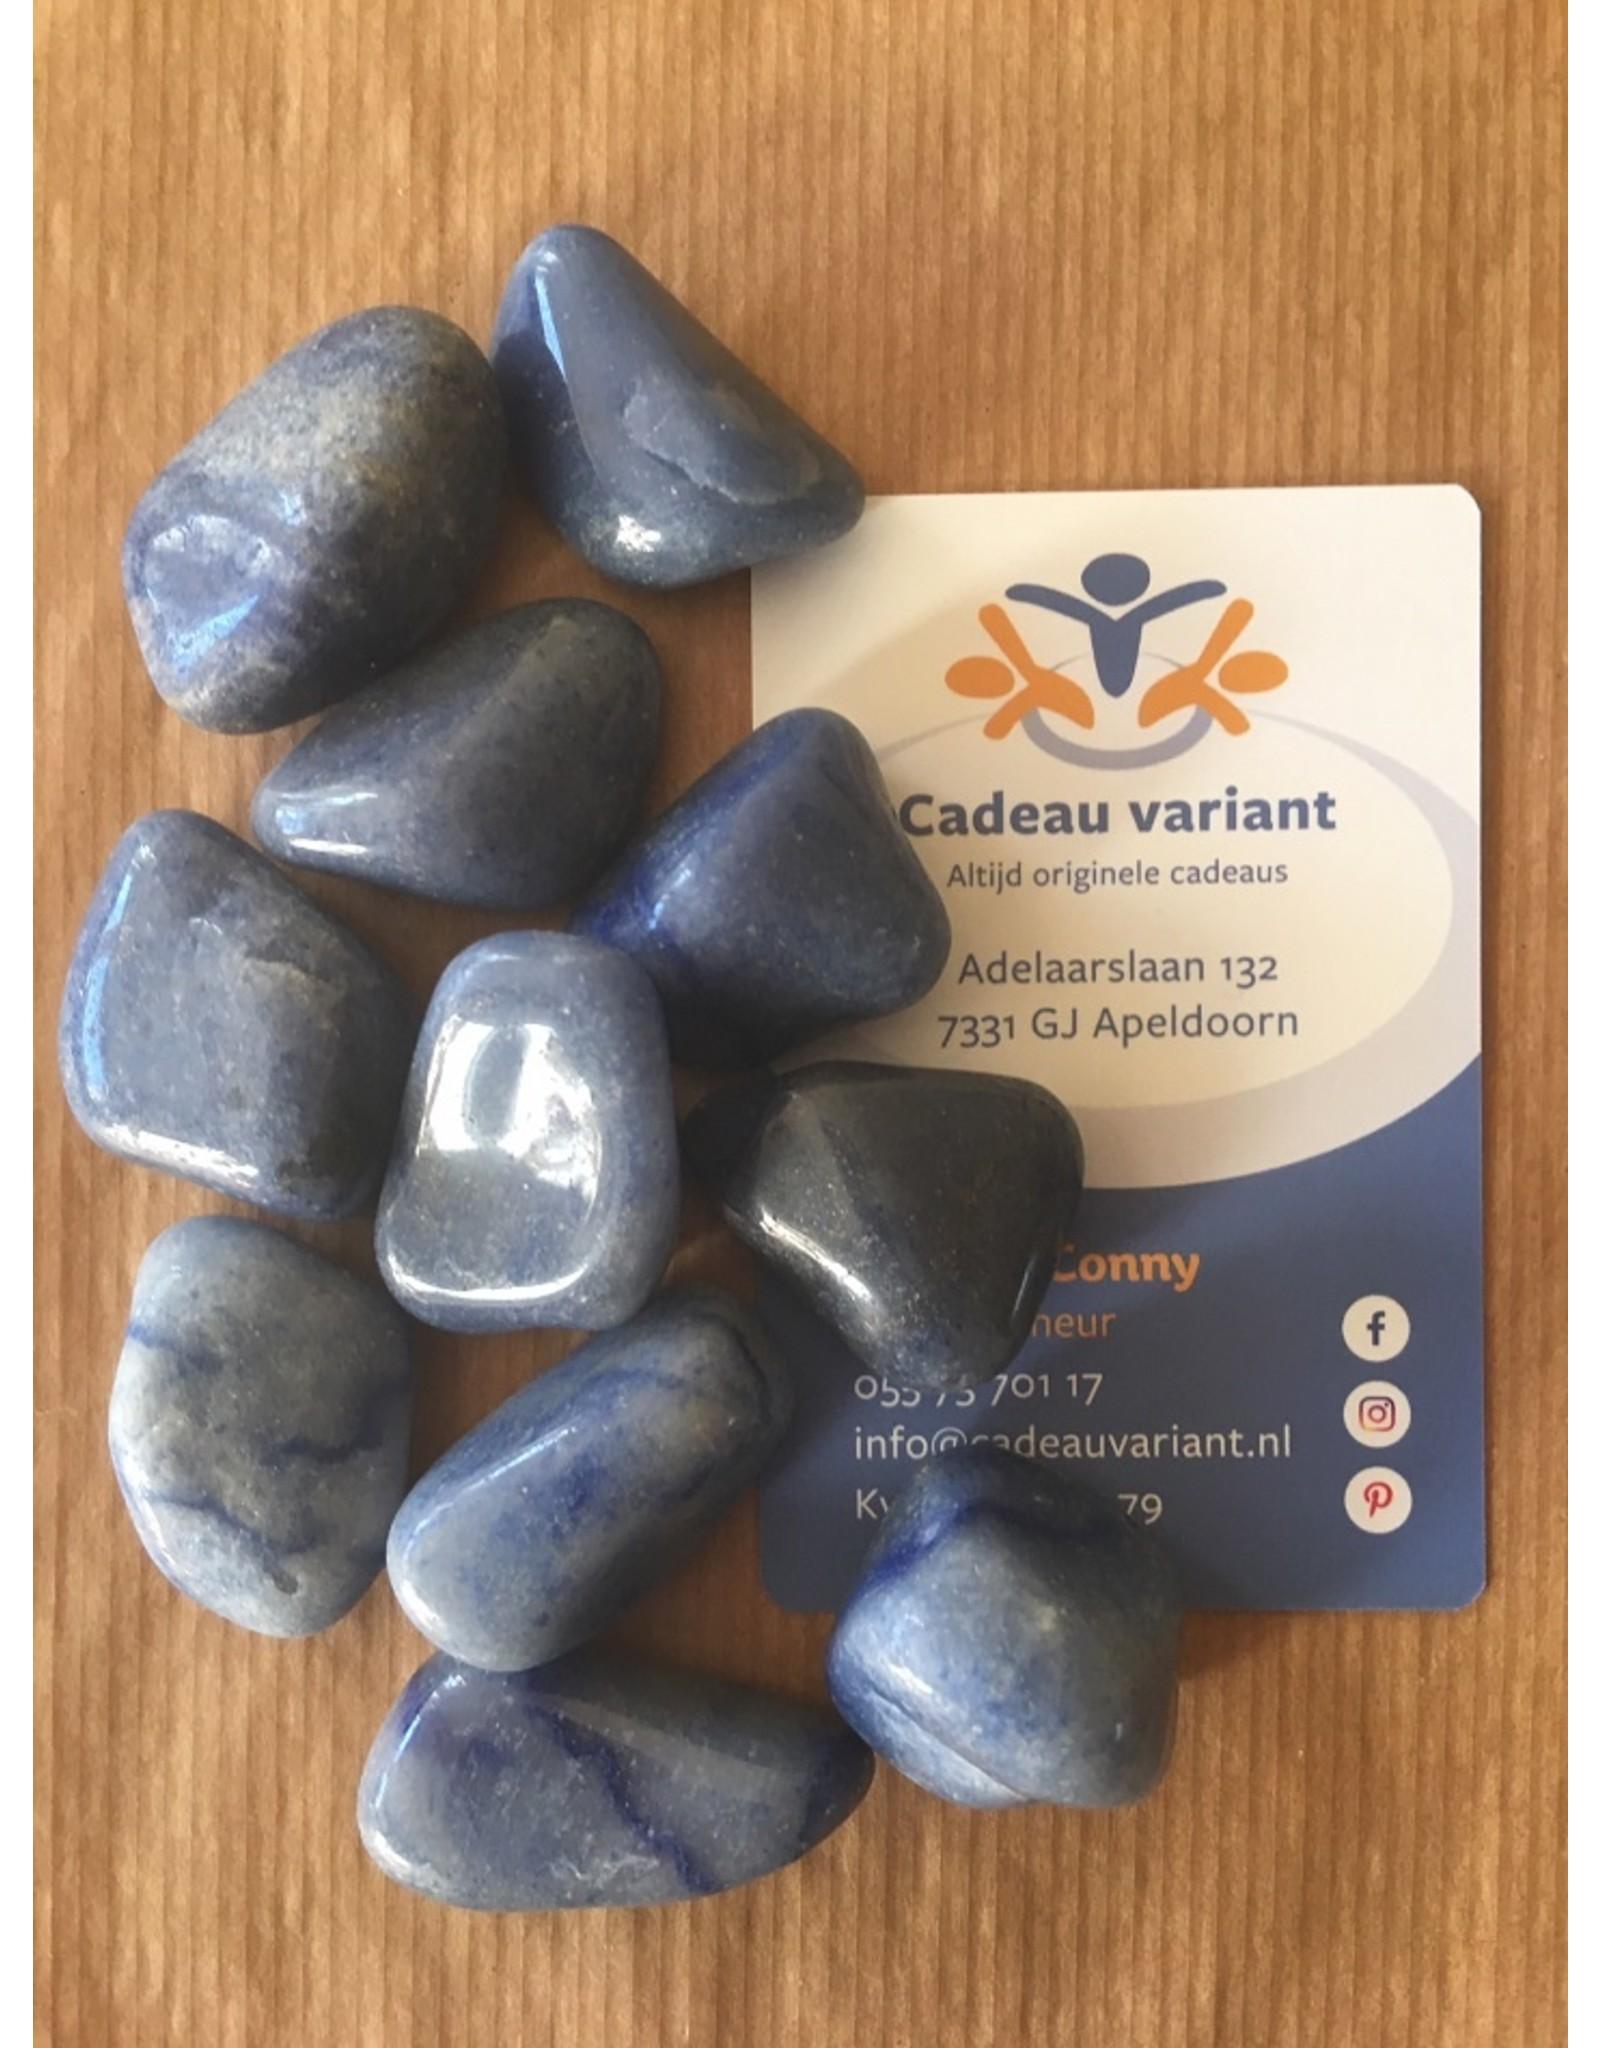 Blauwkwarts edelsteen